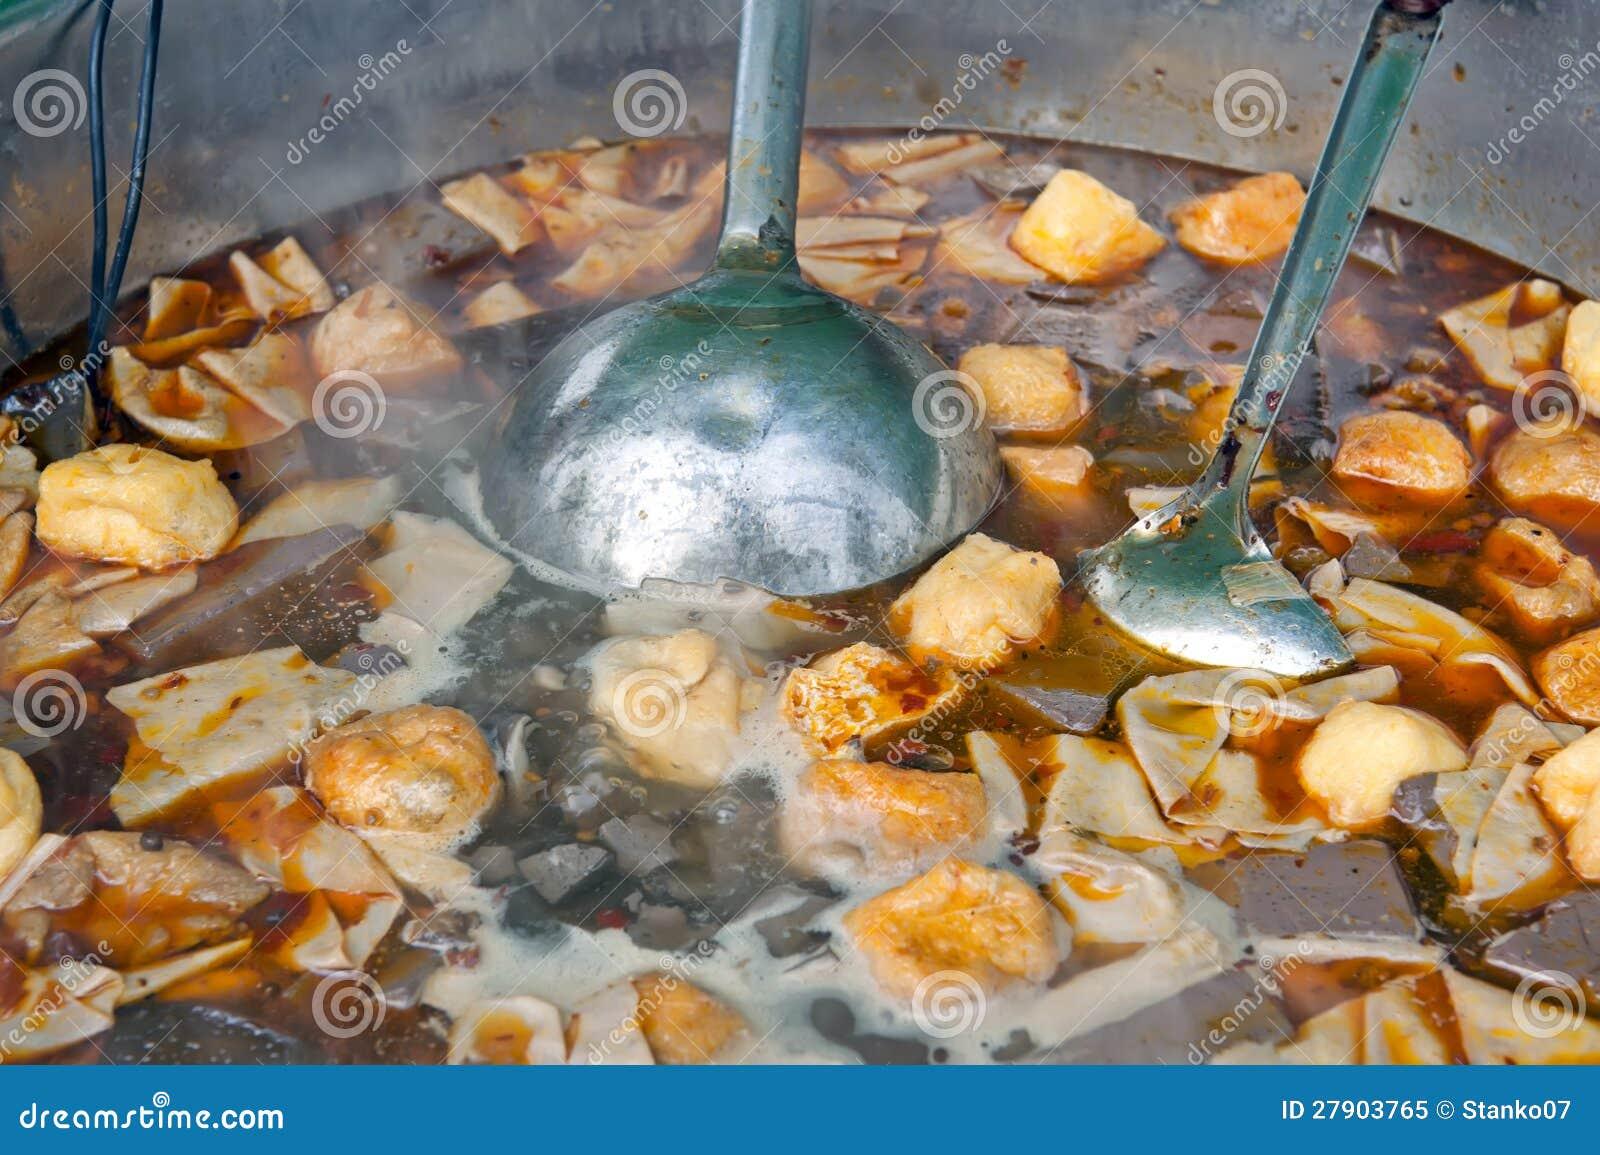 Chiński uliczny jedzenie - polewka